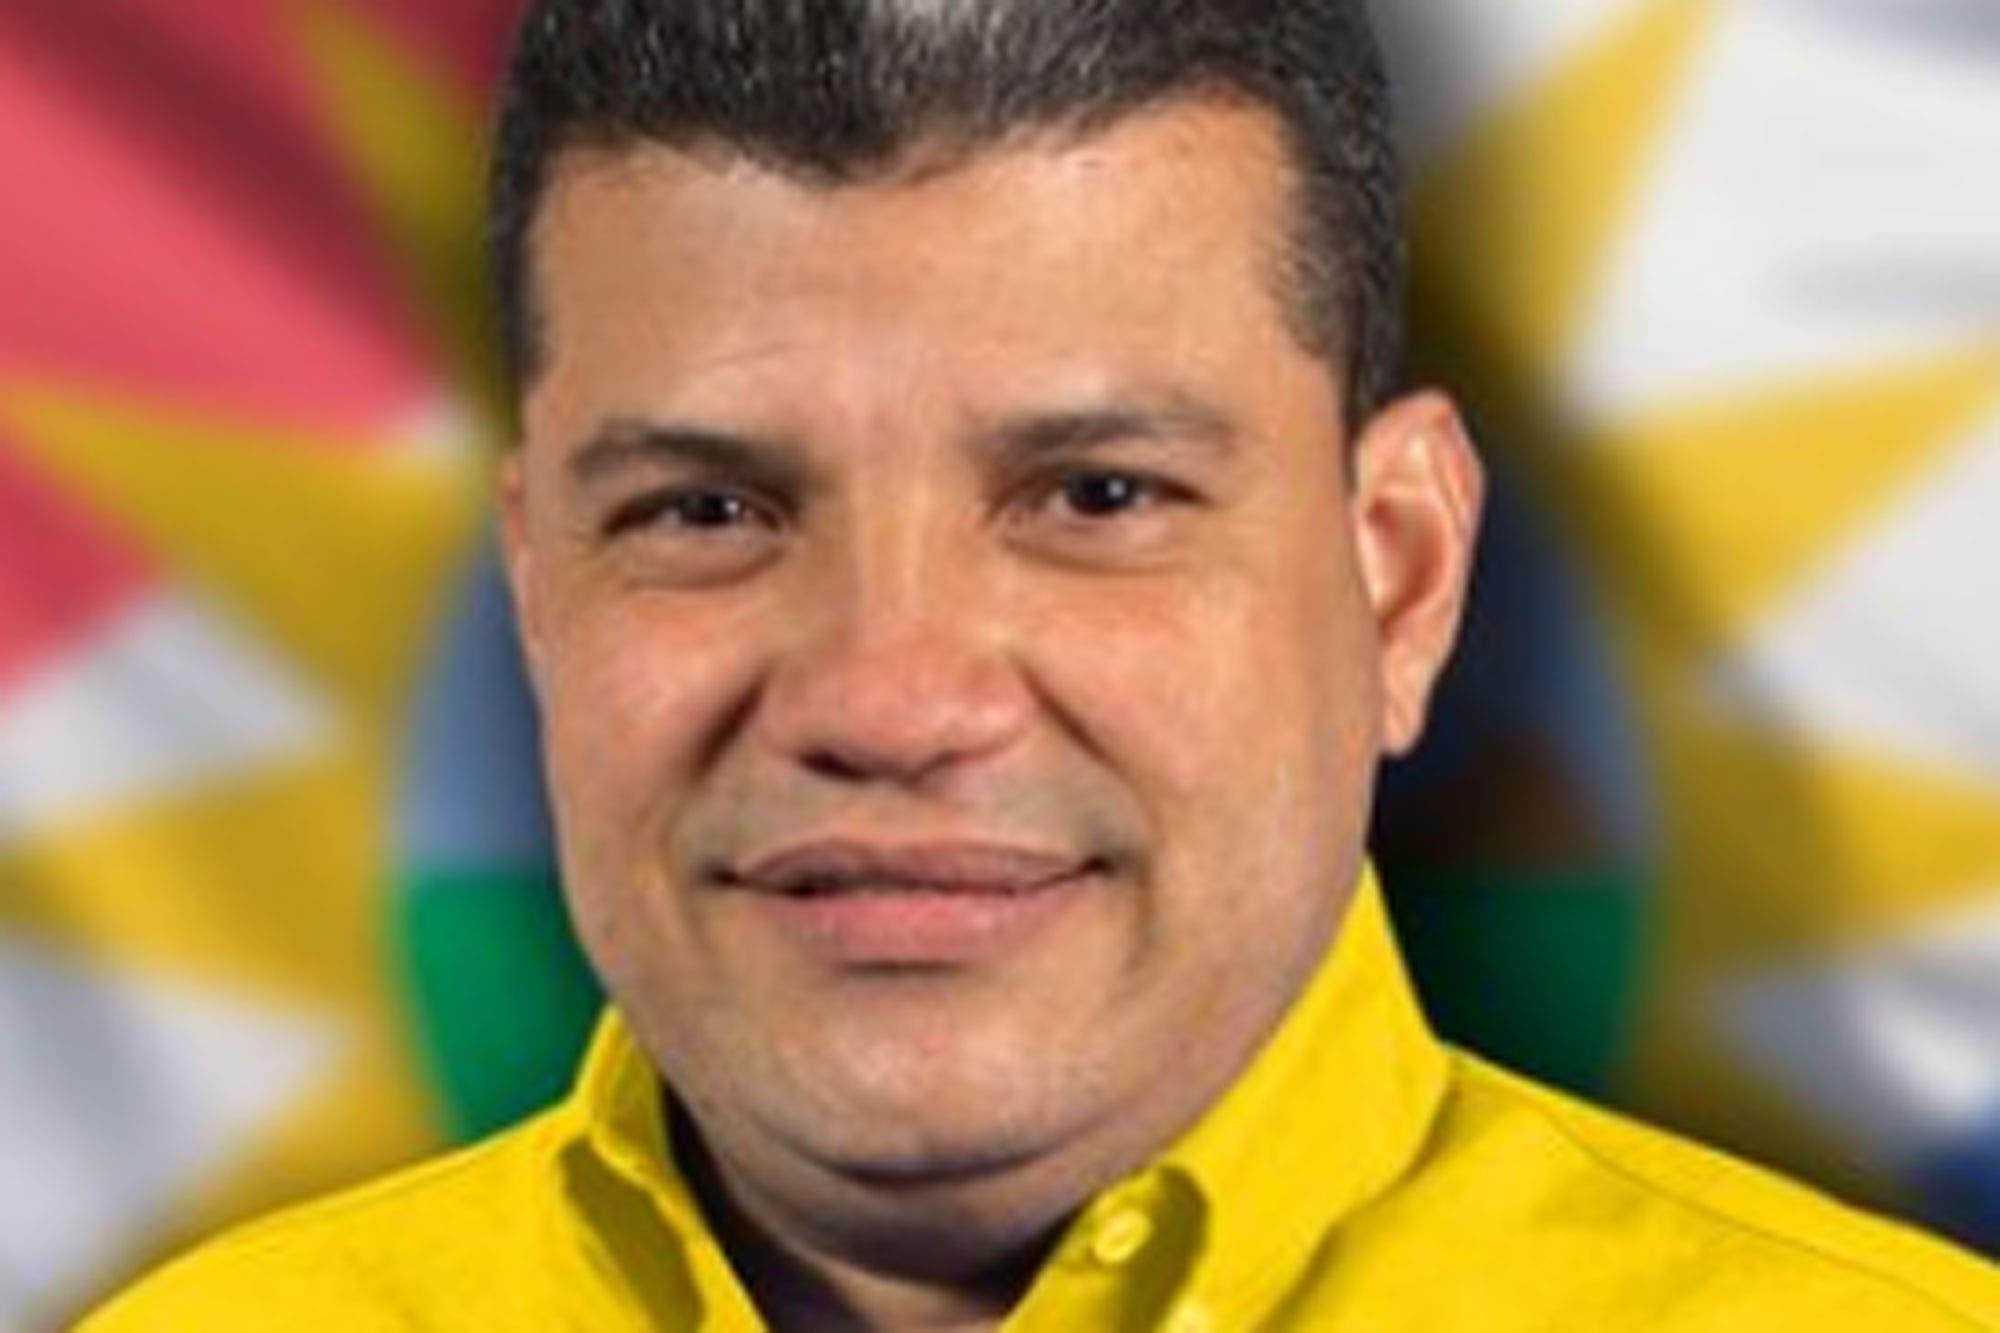 Expulsado de su partido y acusado de corrupción: quién es Luis Parra, el reemplazante de Guaidó